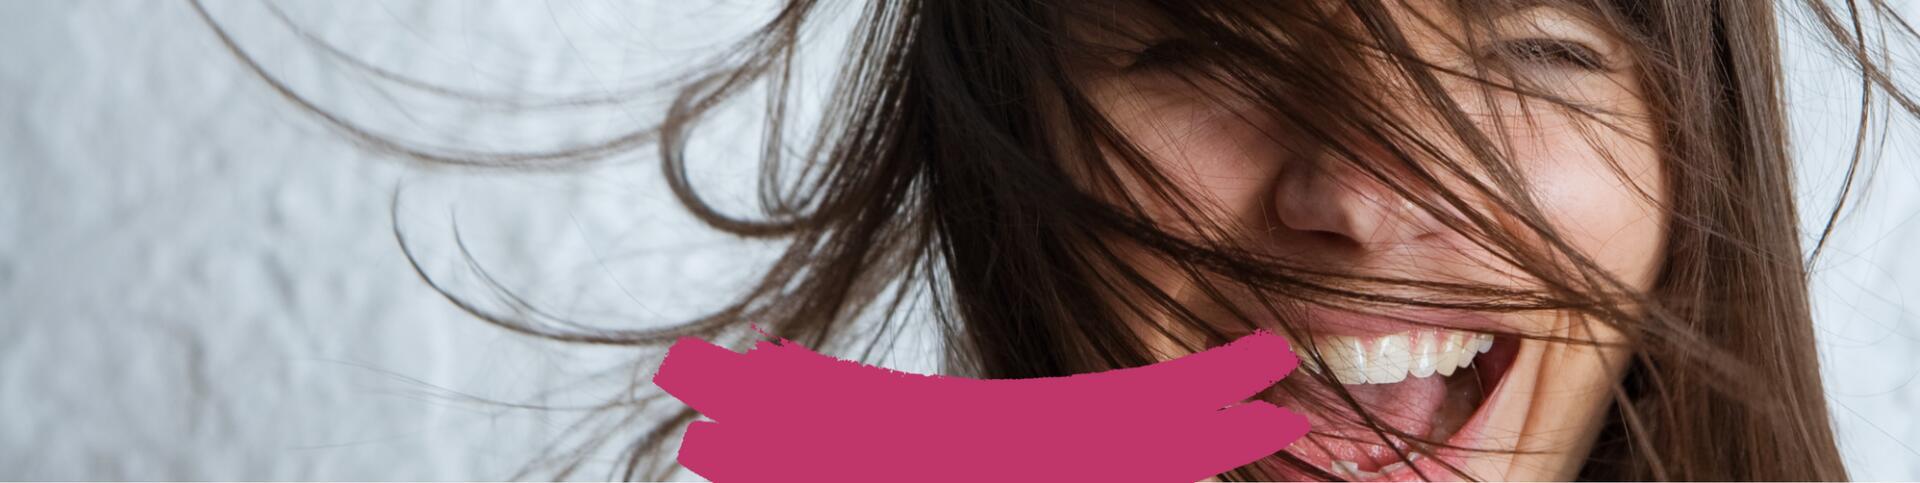 kl_mag_happy-skin-hair_dry-shampoo_header_desktop